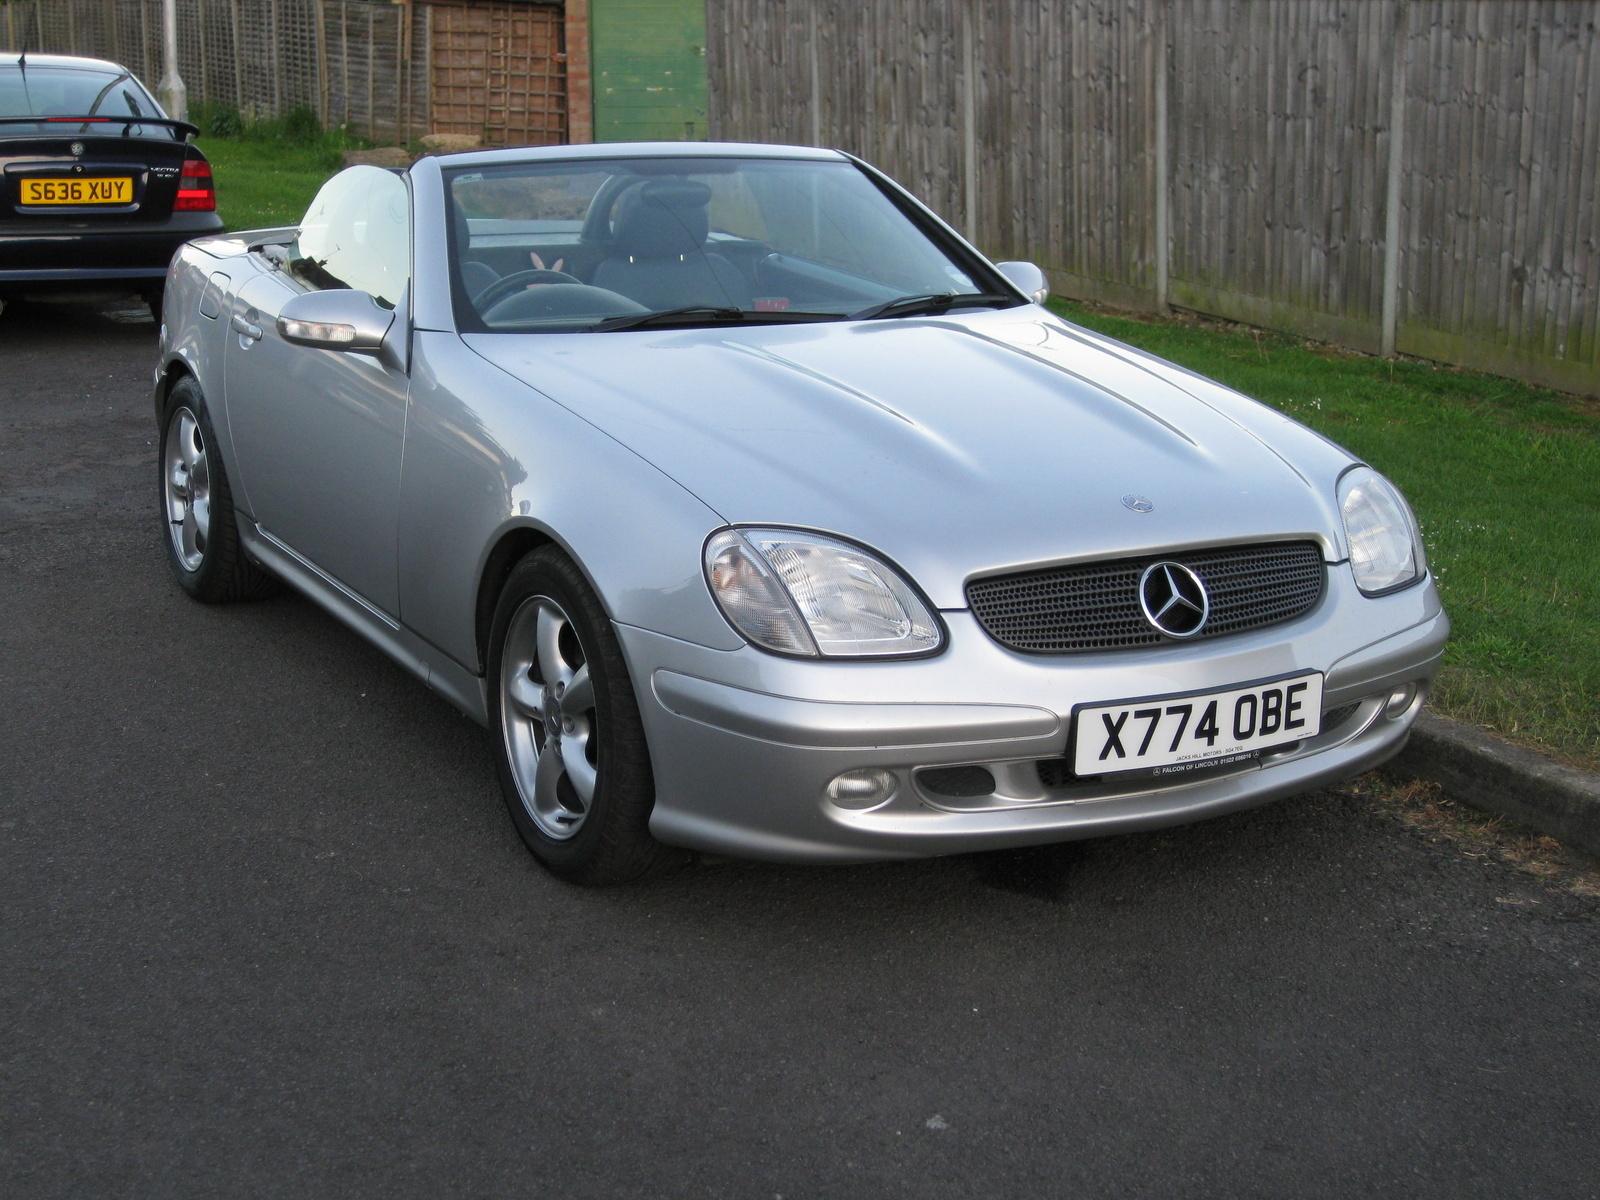 Mercedes Benz Slk Class Pic X